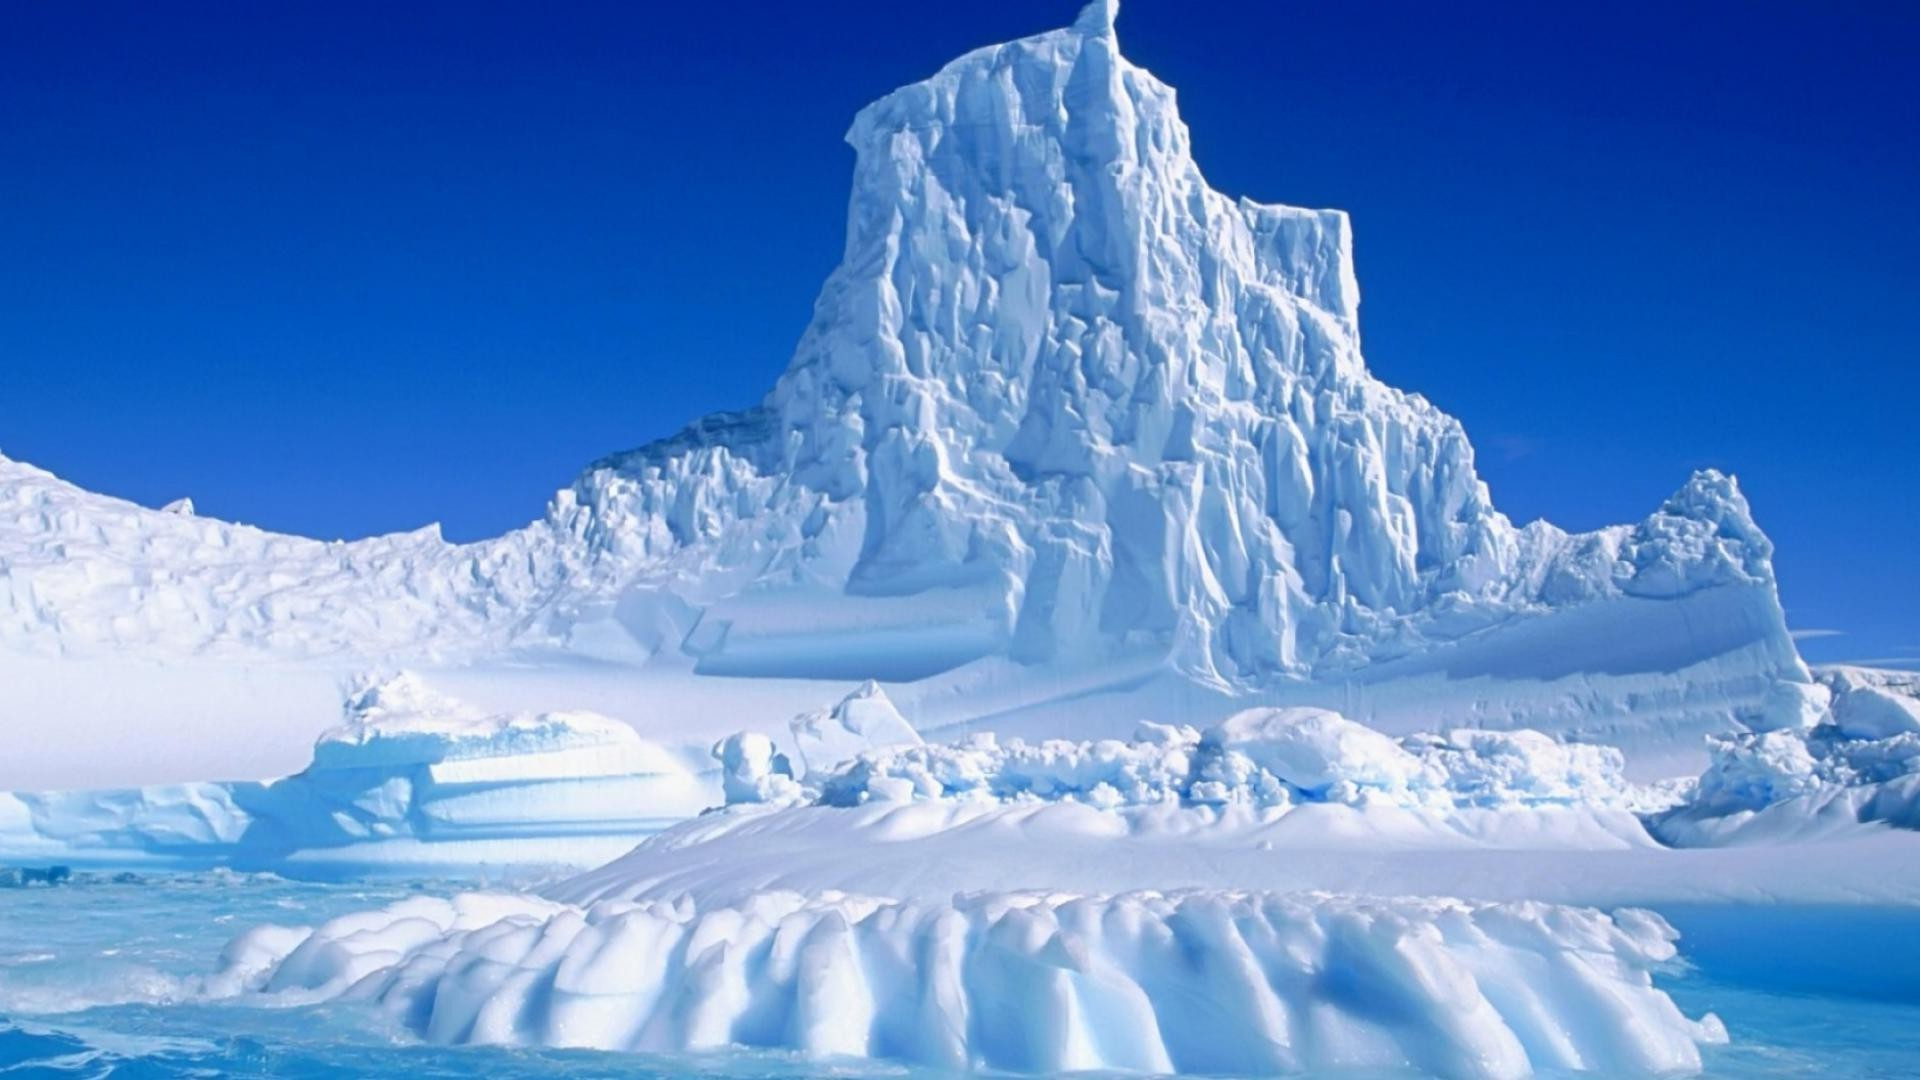 природа снег горы айсберг nature snow mountains iceberg в хорошем качестве